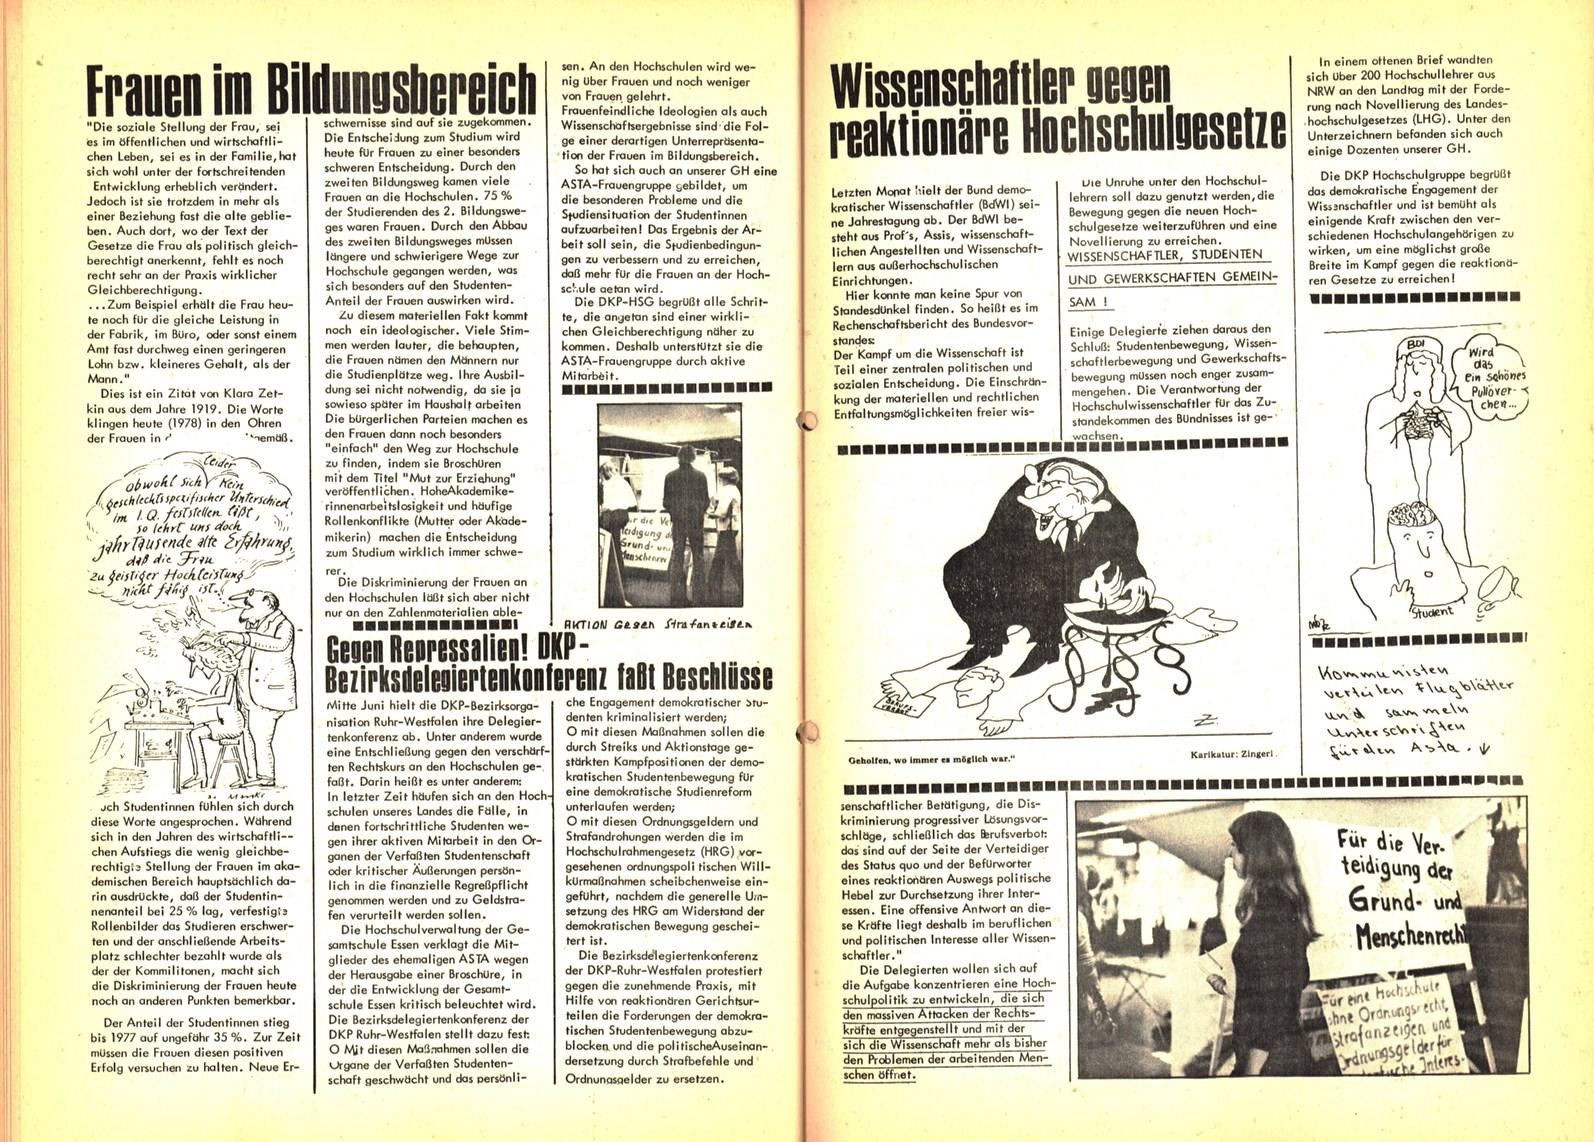 Essen_DKP_Kommunist_19770000_02